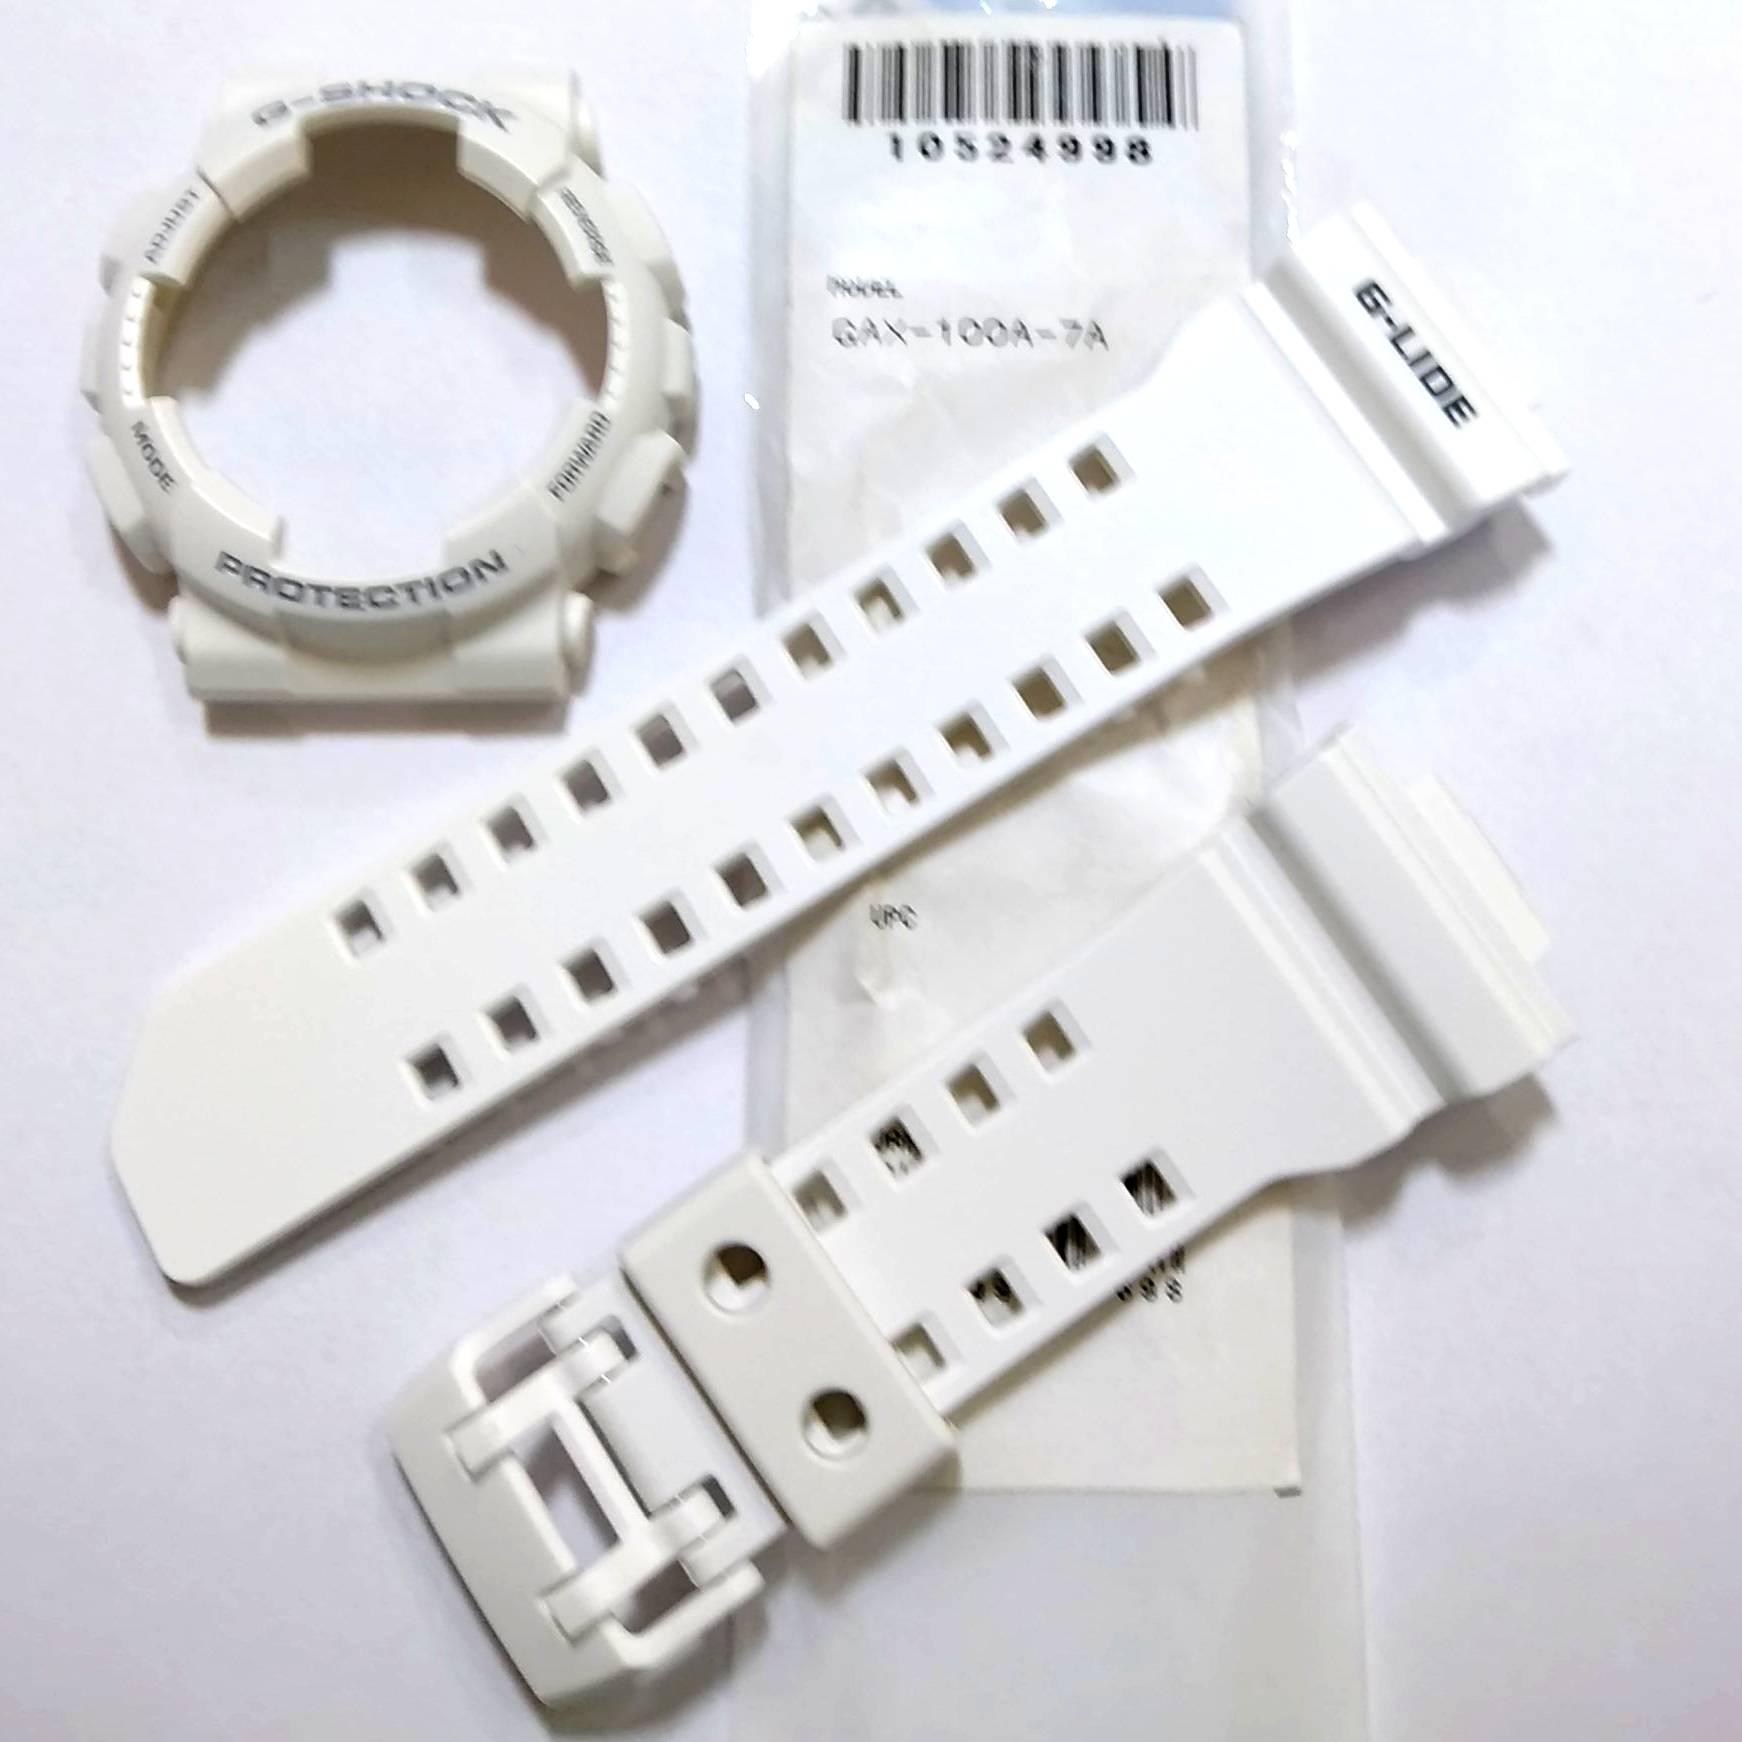 Pulseira + Bezel GAX-100A-7 Casio G-Shock Branco  - E-Presentes